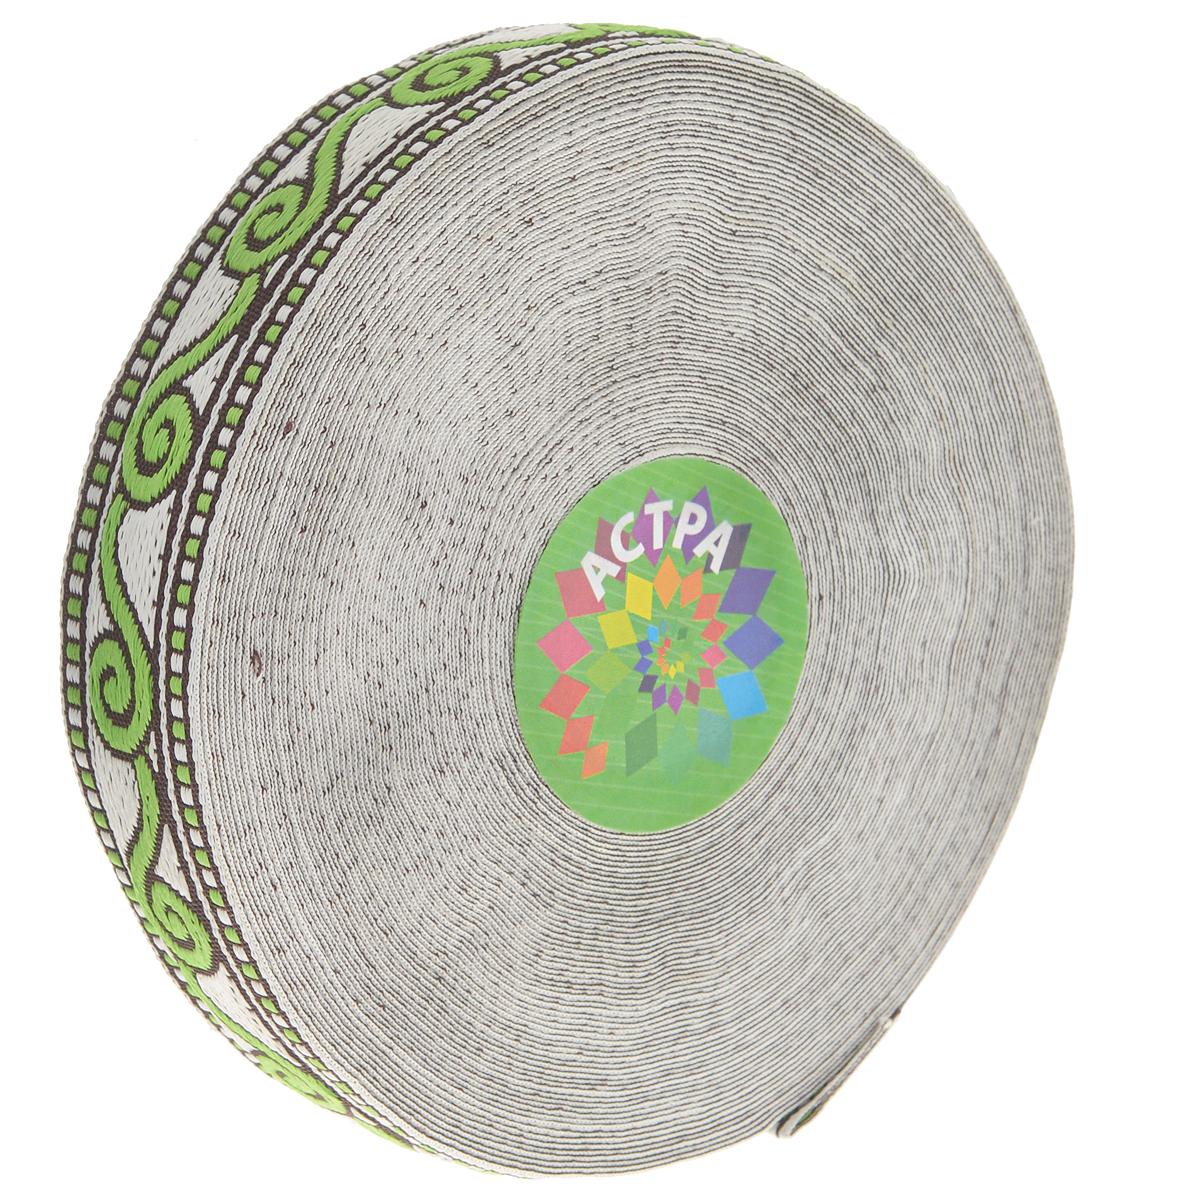 Тесьма декоративная Астра, цвет: зеленый (2), ширина 2 см, длина 16,4 м. 7703271 тесьма декоративная астра ширина 4 см длина 16 4 м